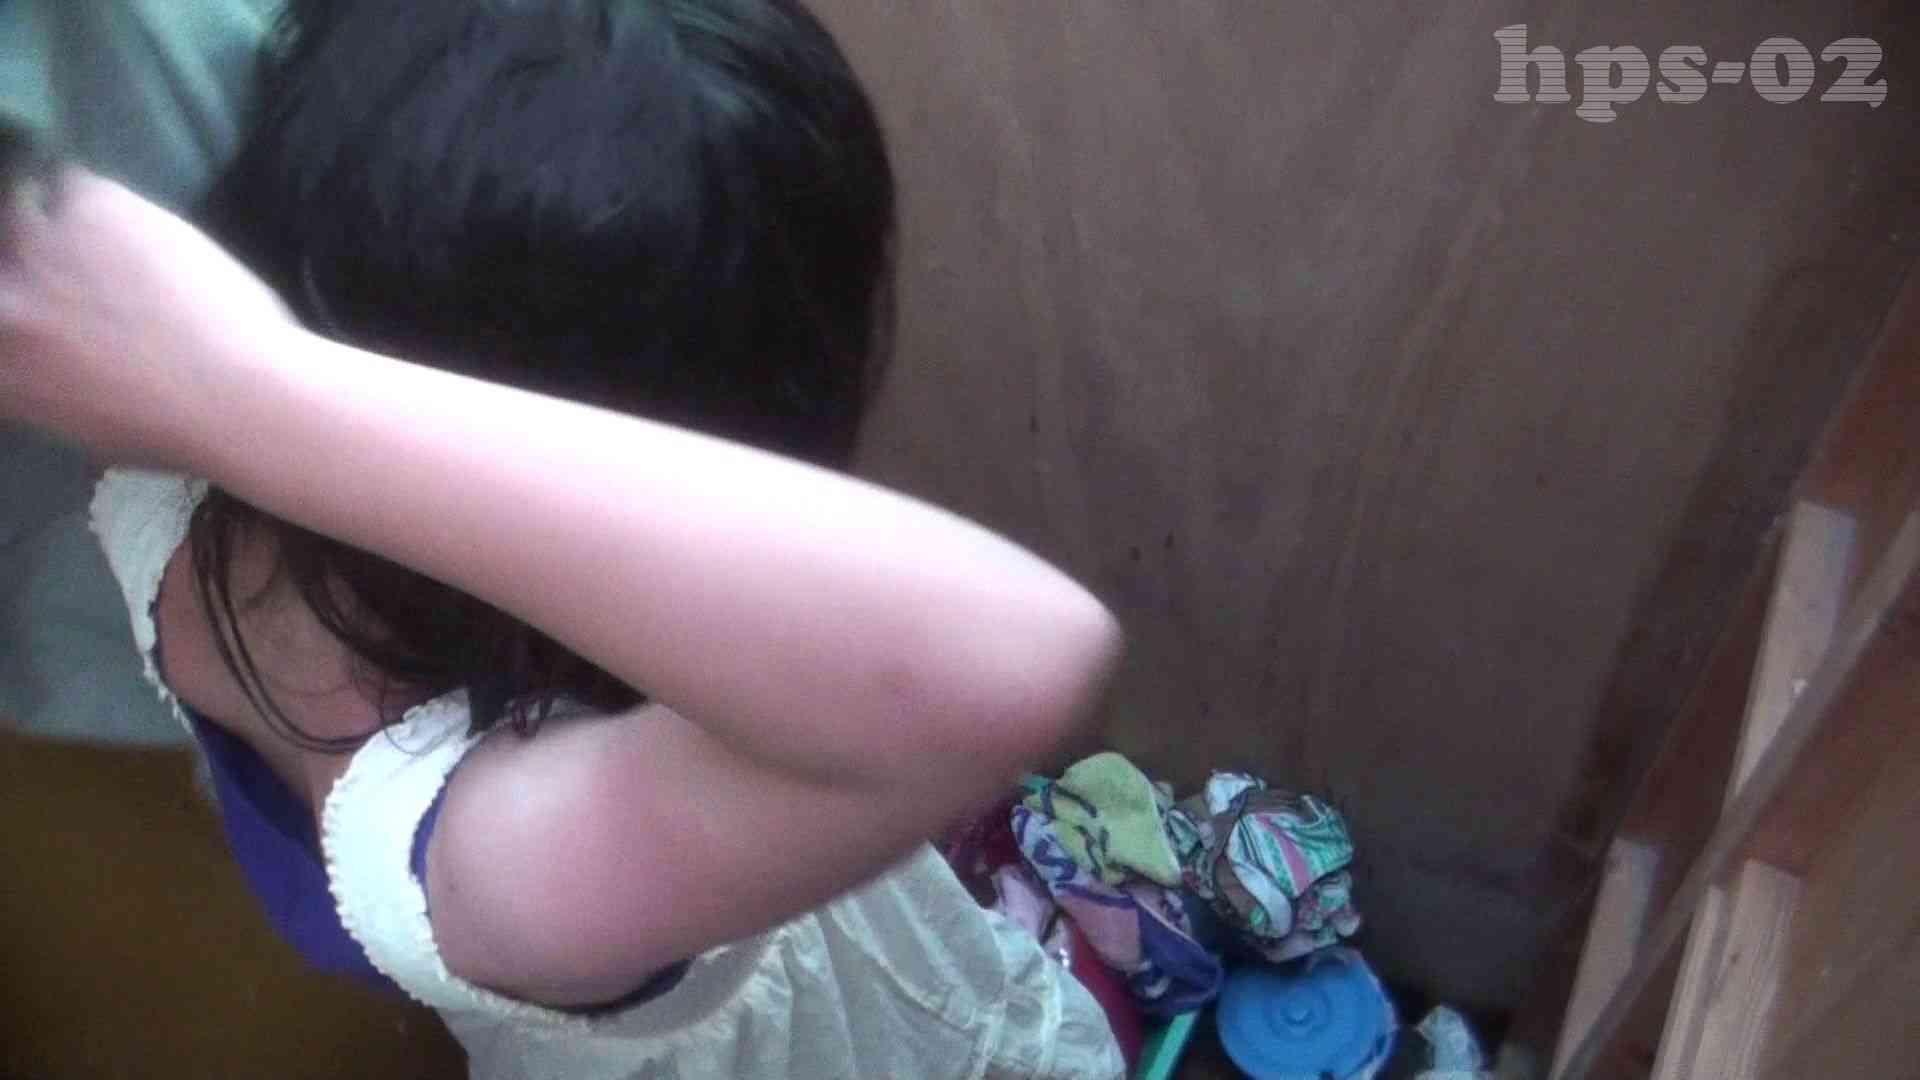 シャワールームは超!!危険な香りVol.2 カメラに目線をやるのですがまったく気が付きません。 OLヌード天国   シャワー  84PIX 13